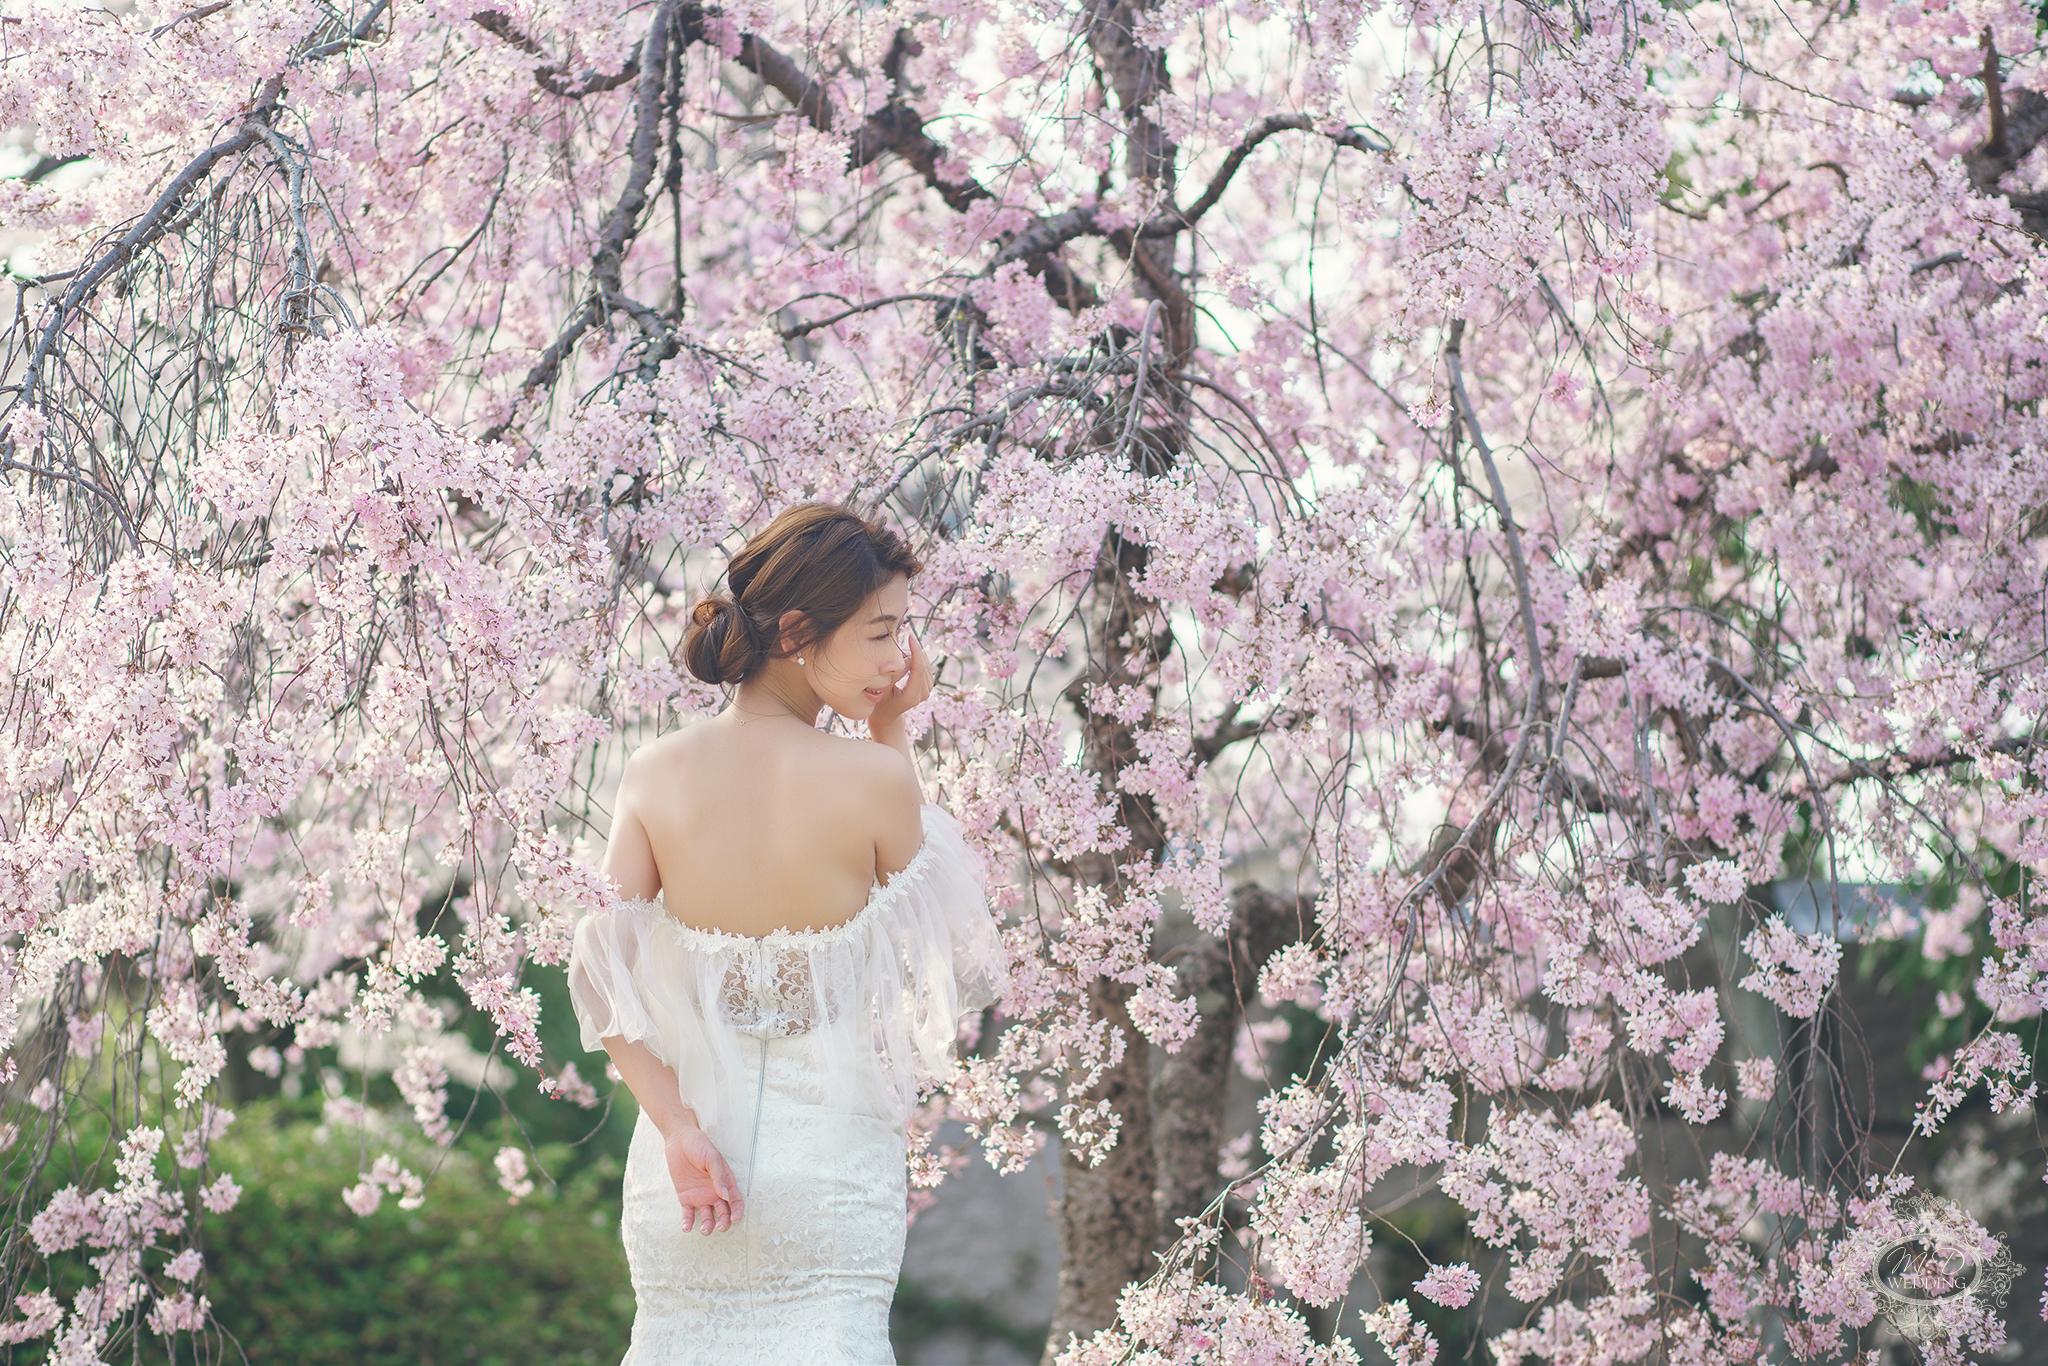 日本京都櫻花婚紗 奈良 清水寺 八坂神社 二年坂 和服婚紗 京都租和服